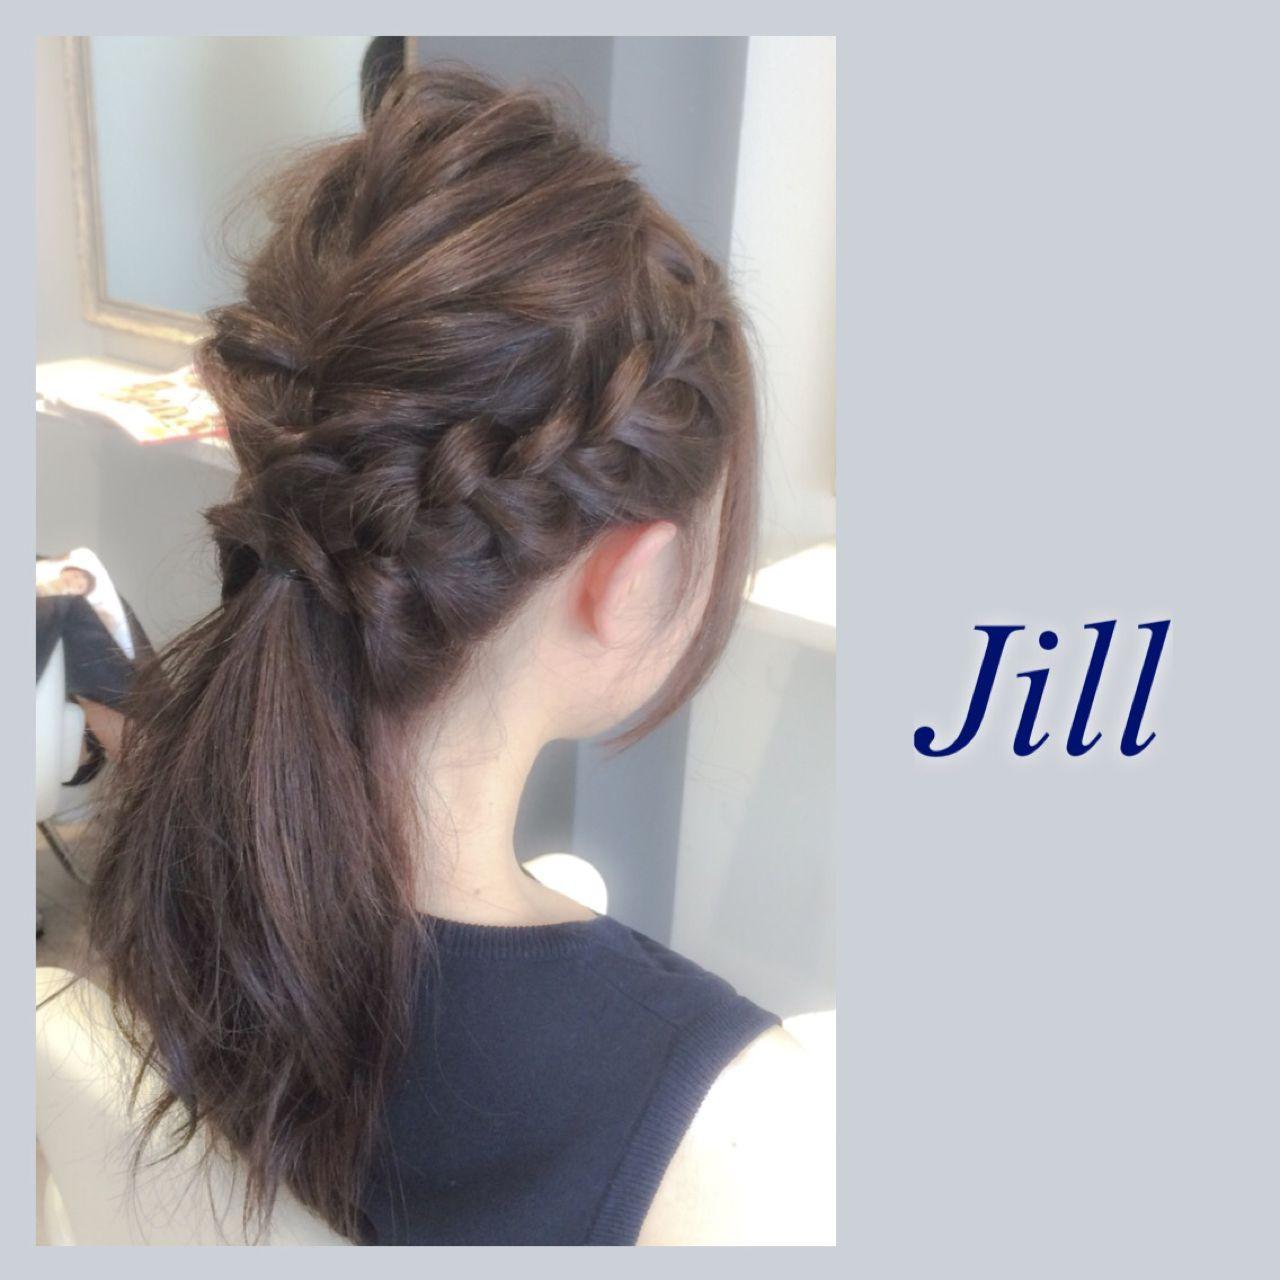 グレージュ 編み込み 簡単ヘアアレンジ ポニーテール ヘアスタイルや髪型の写真・画像